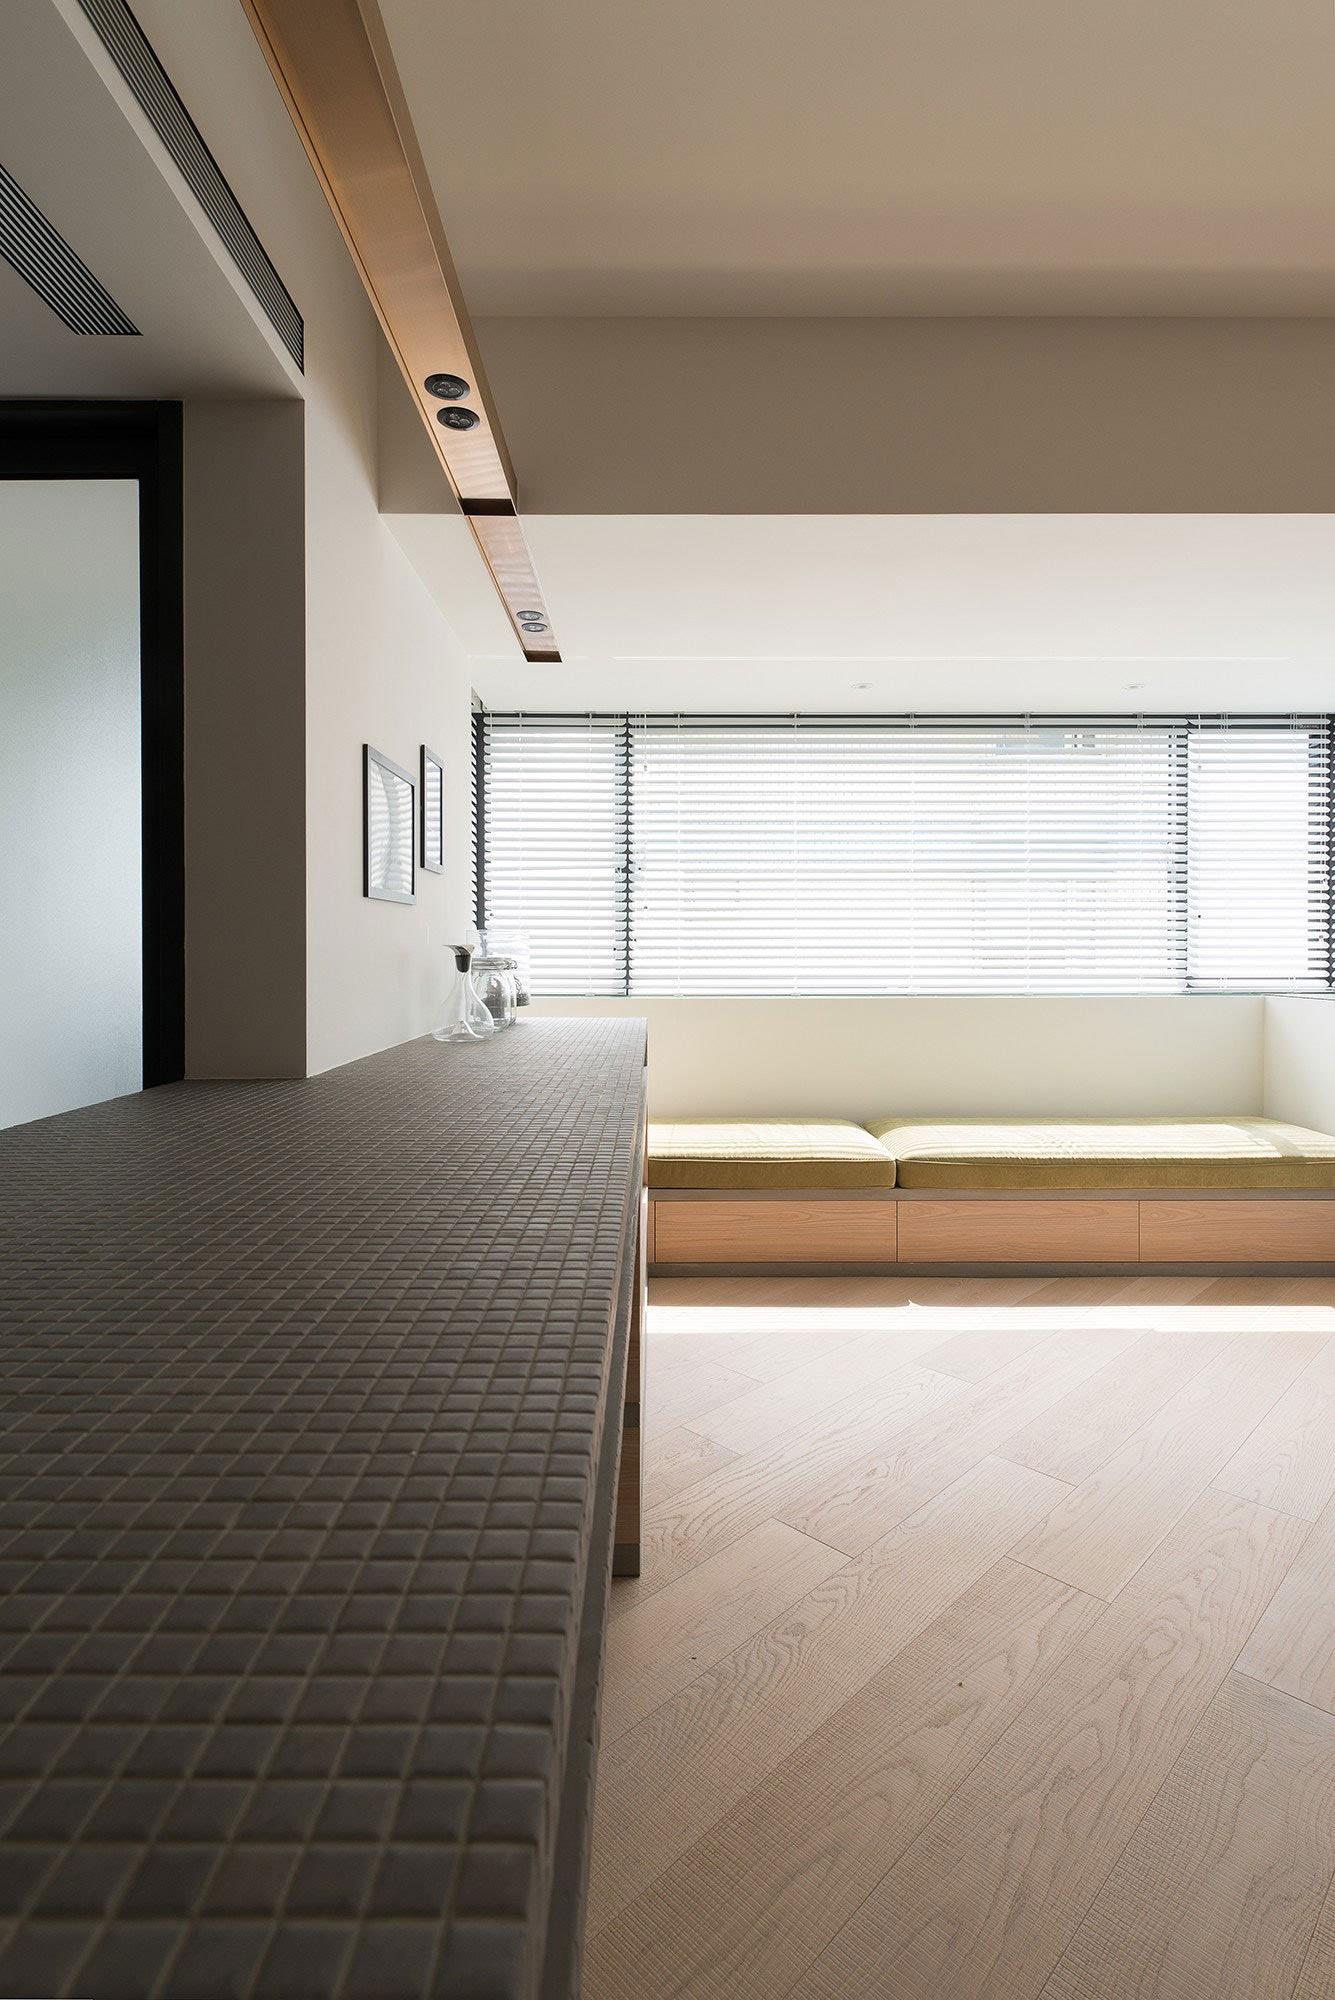 三室两厅创意装修图片_ 摈弃 多余修饰